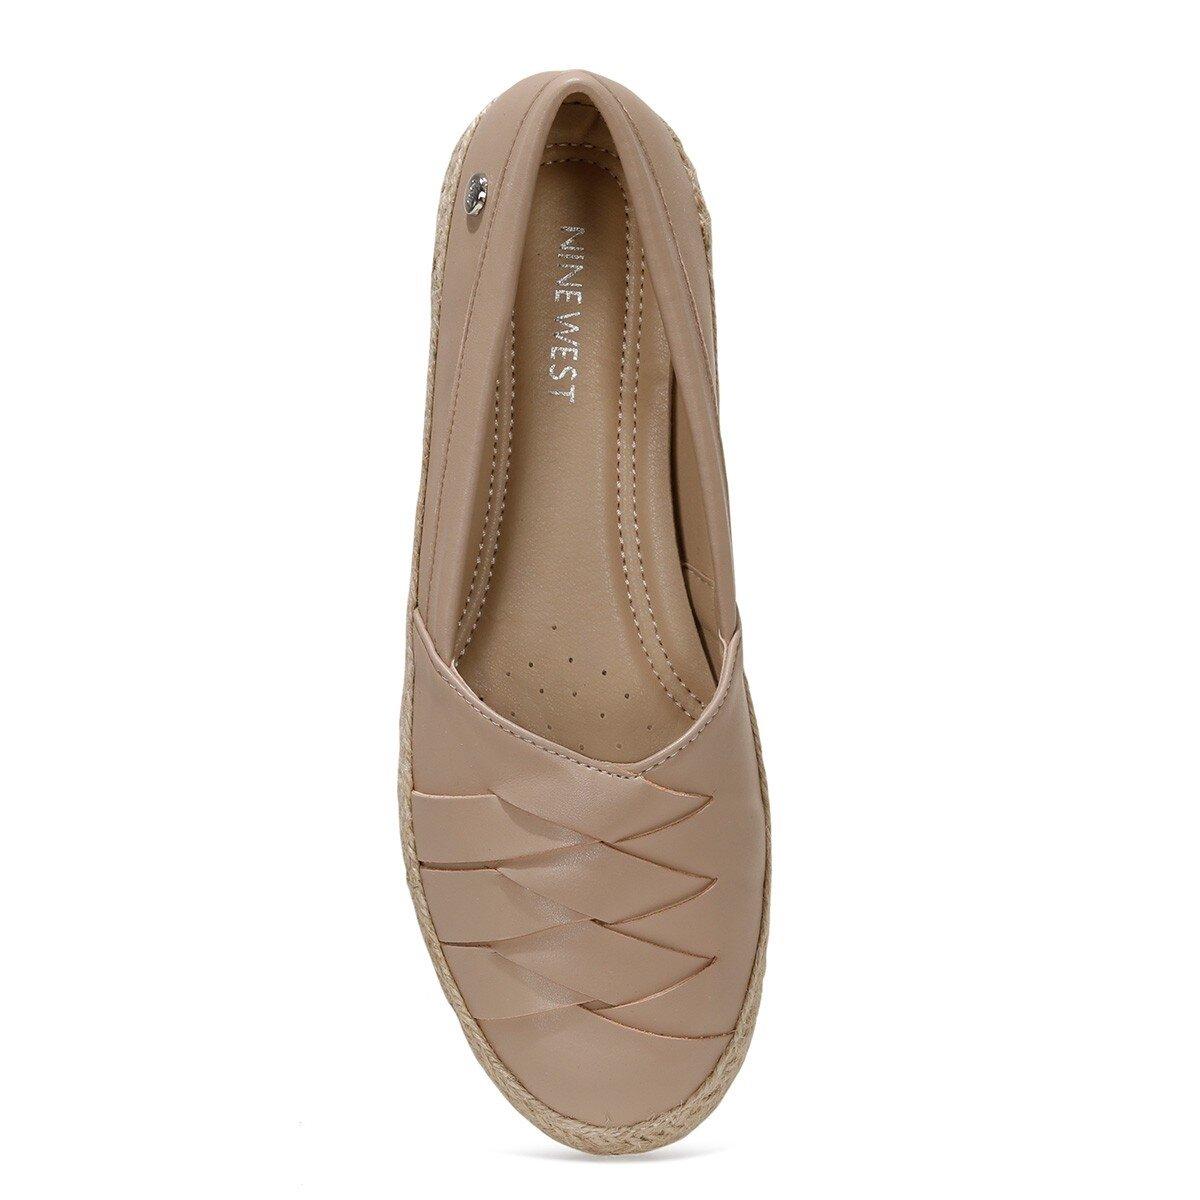 ABALINIEL 1FX Bej Kadın Slip On Ayakkabı